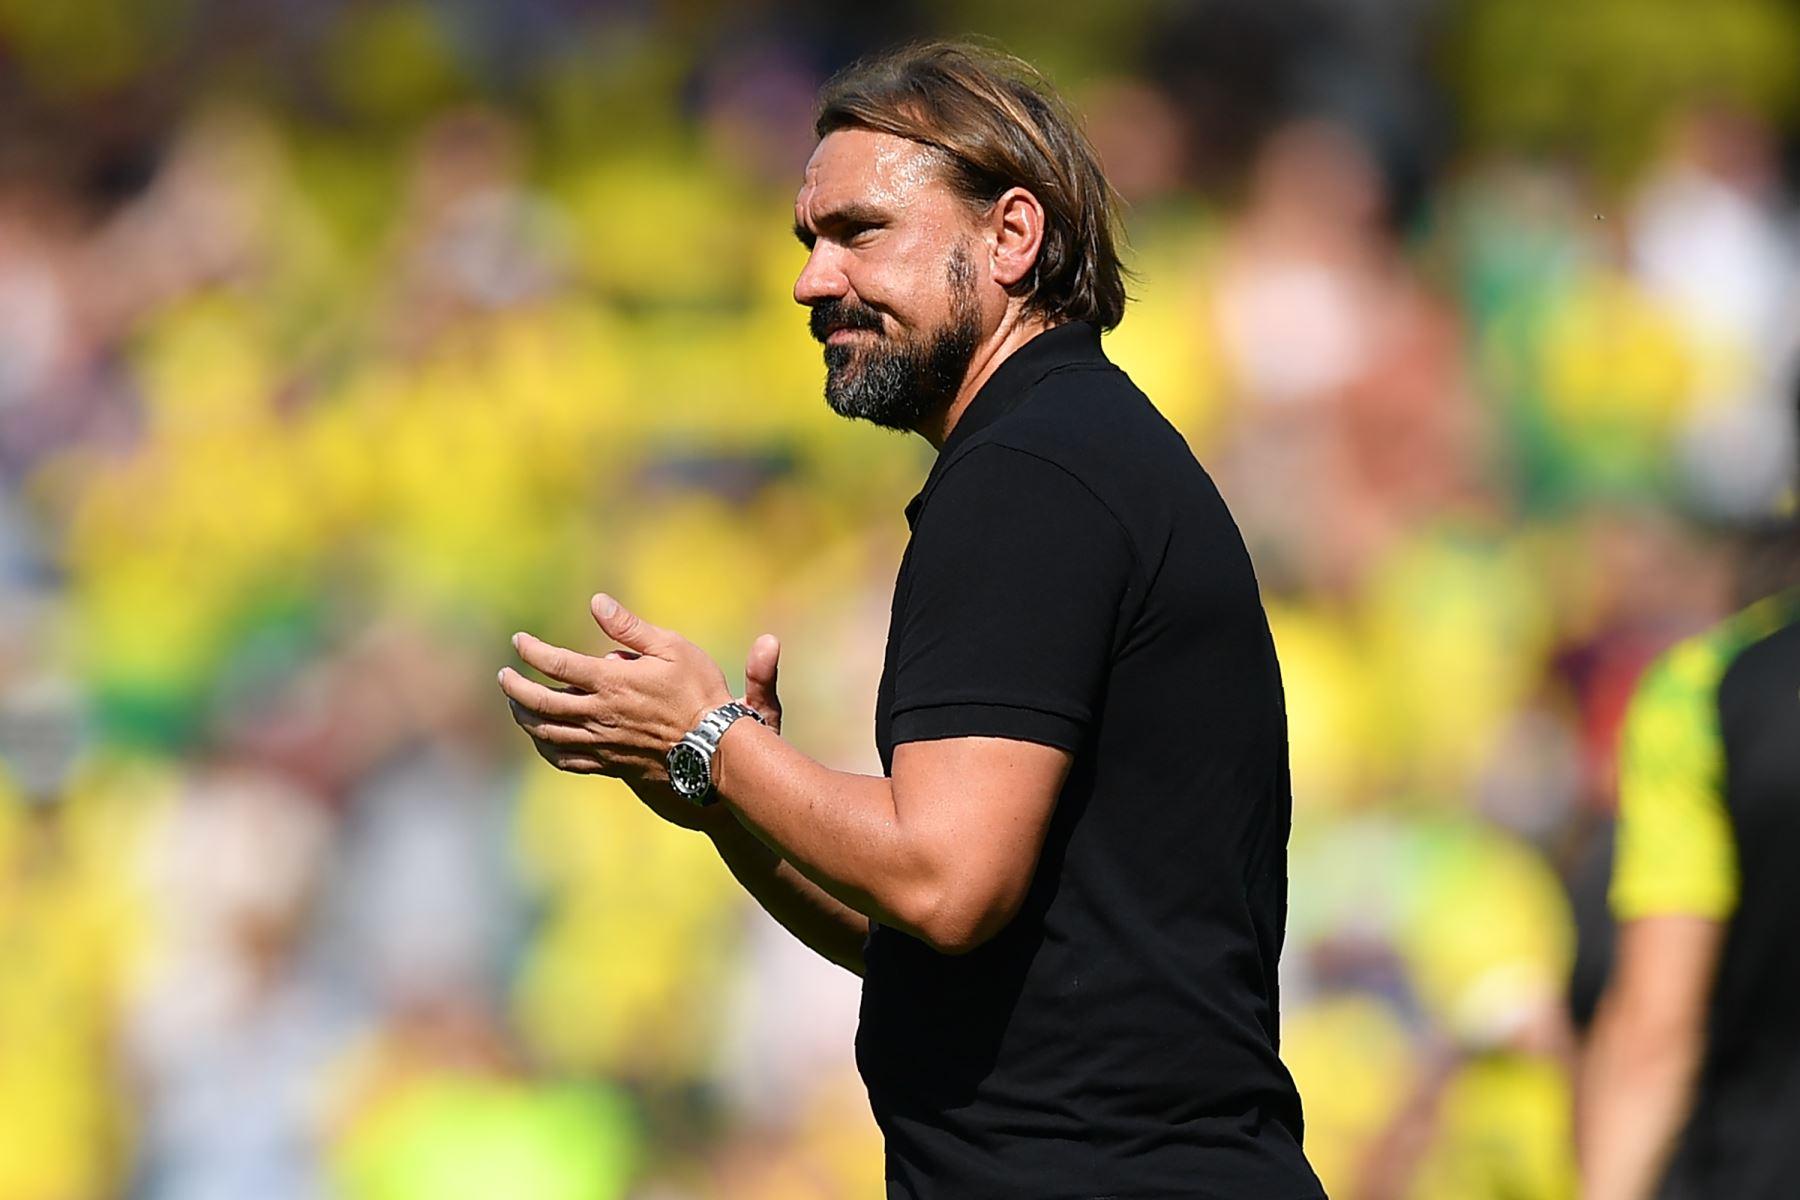 El entrenador alemán de Norwich City, Daniel Farke, aplaude a los seguidores en el campo después del partido de fútbol de la Premier League inglesa entre Norwich City y Chelsea. Foto: AFP